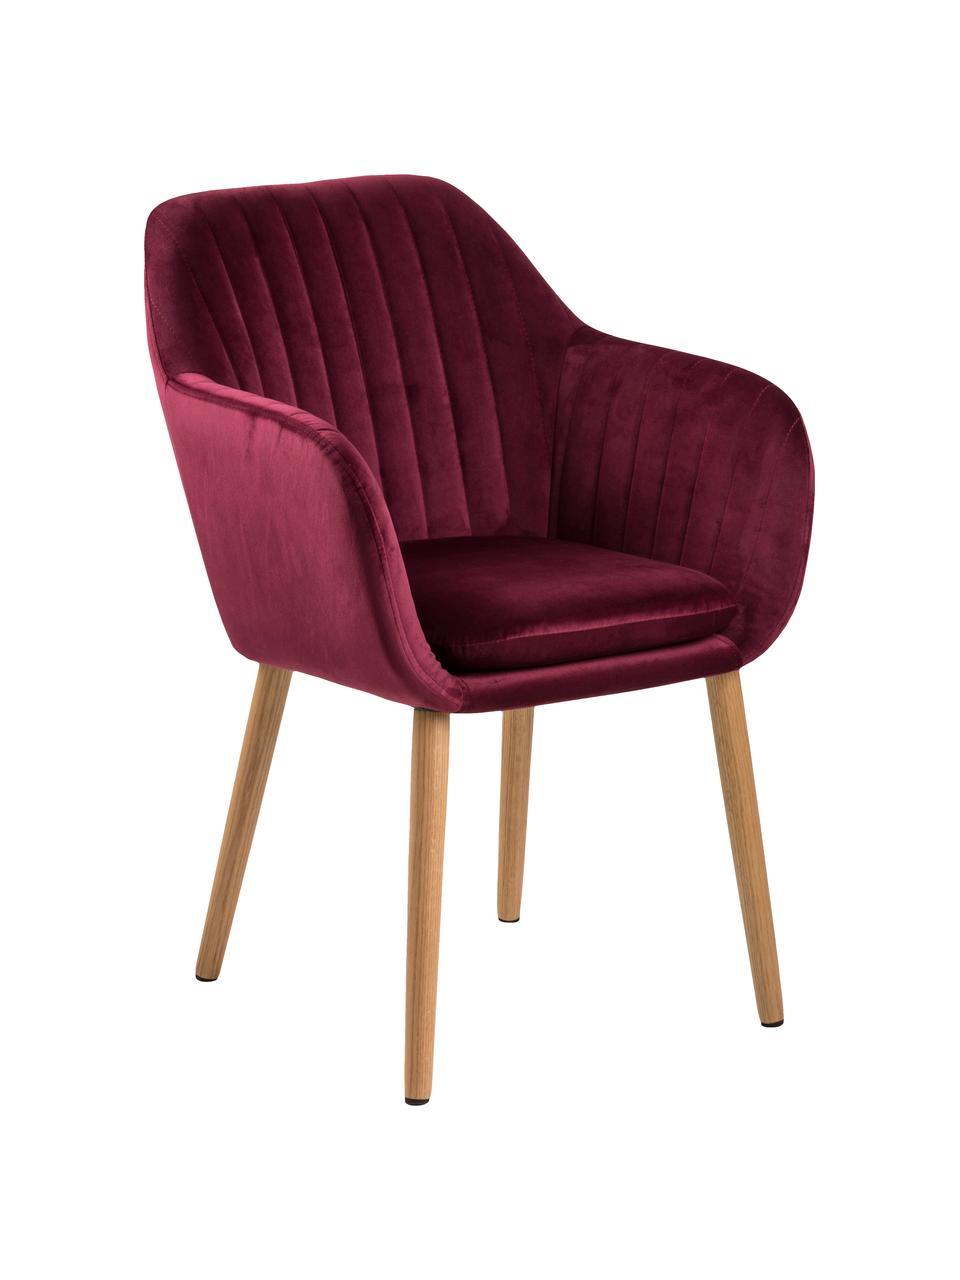 Krzesło tapicerowane z aksamitu Emilia, Tapicerka: poliester (aksamit) Dzięk, Nogi: drewno dębowe, olejowane, Aksamitny bordowy, nogi: drewno dębowe, S 57 x G 59 cm